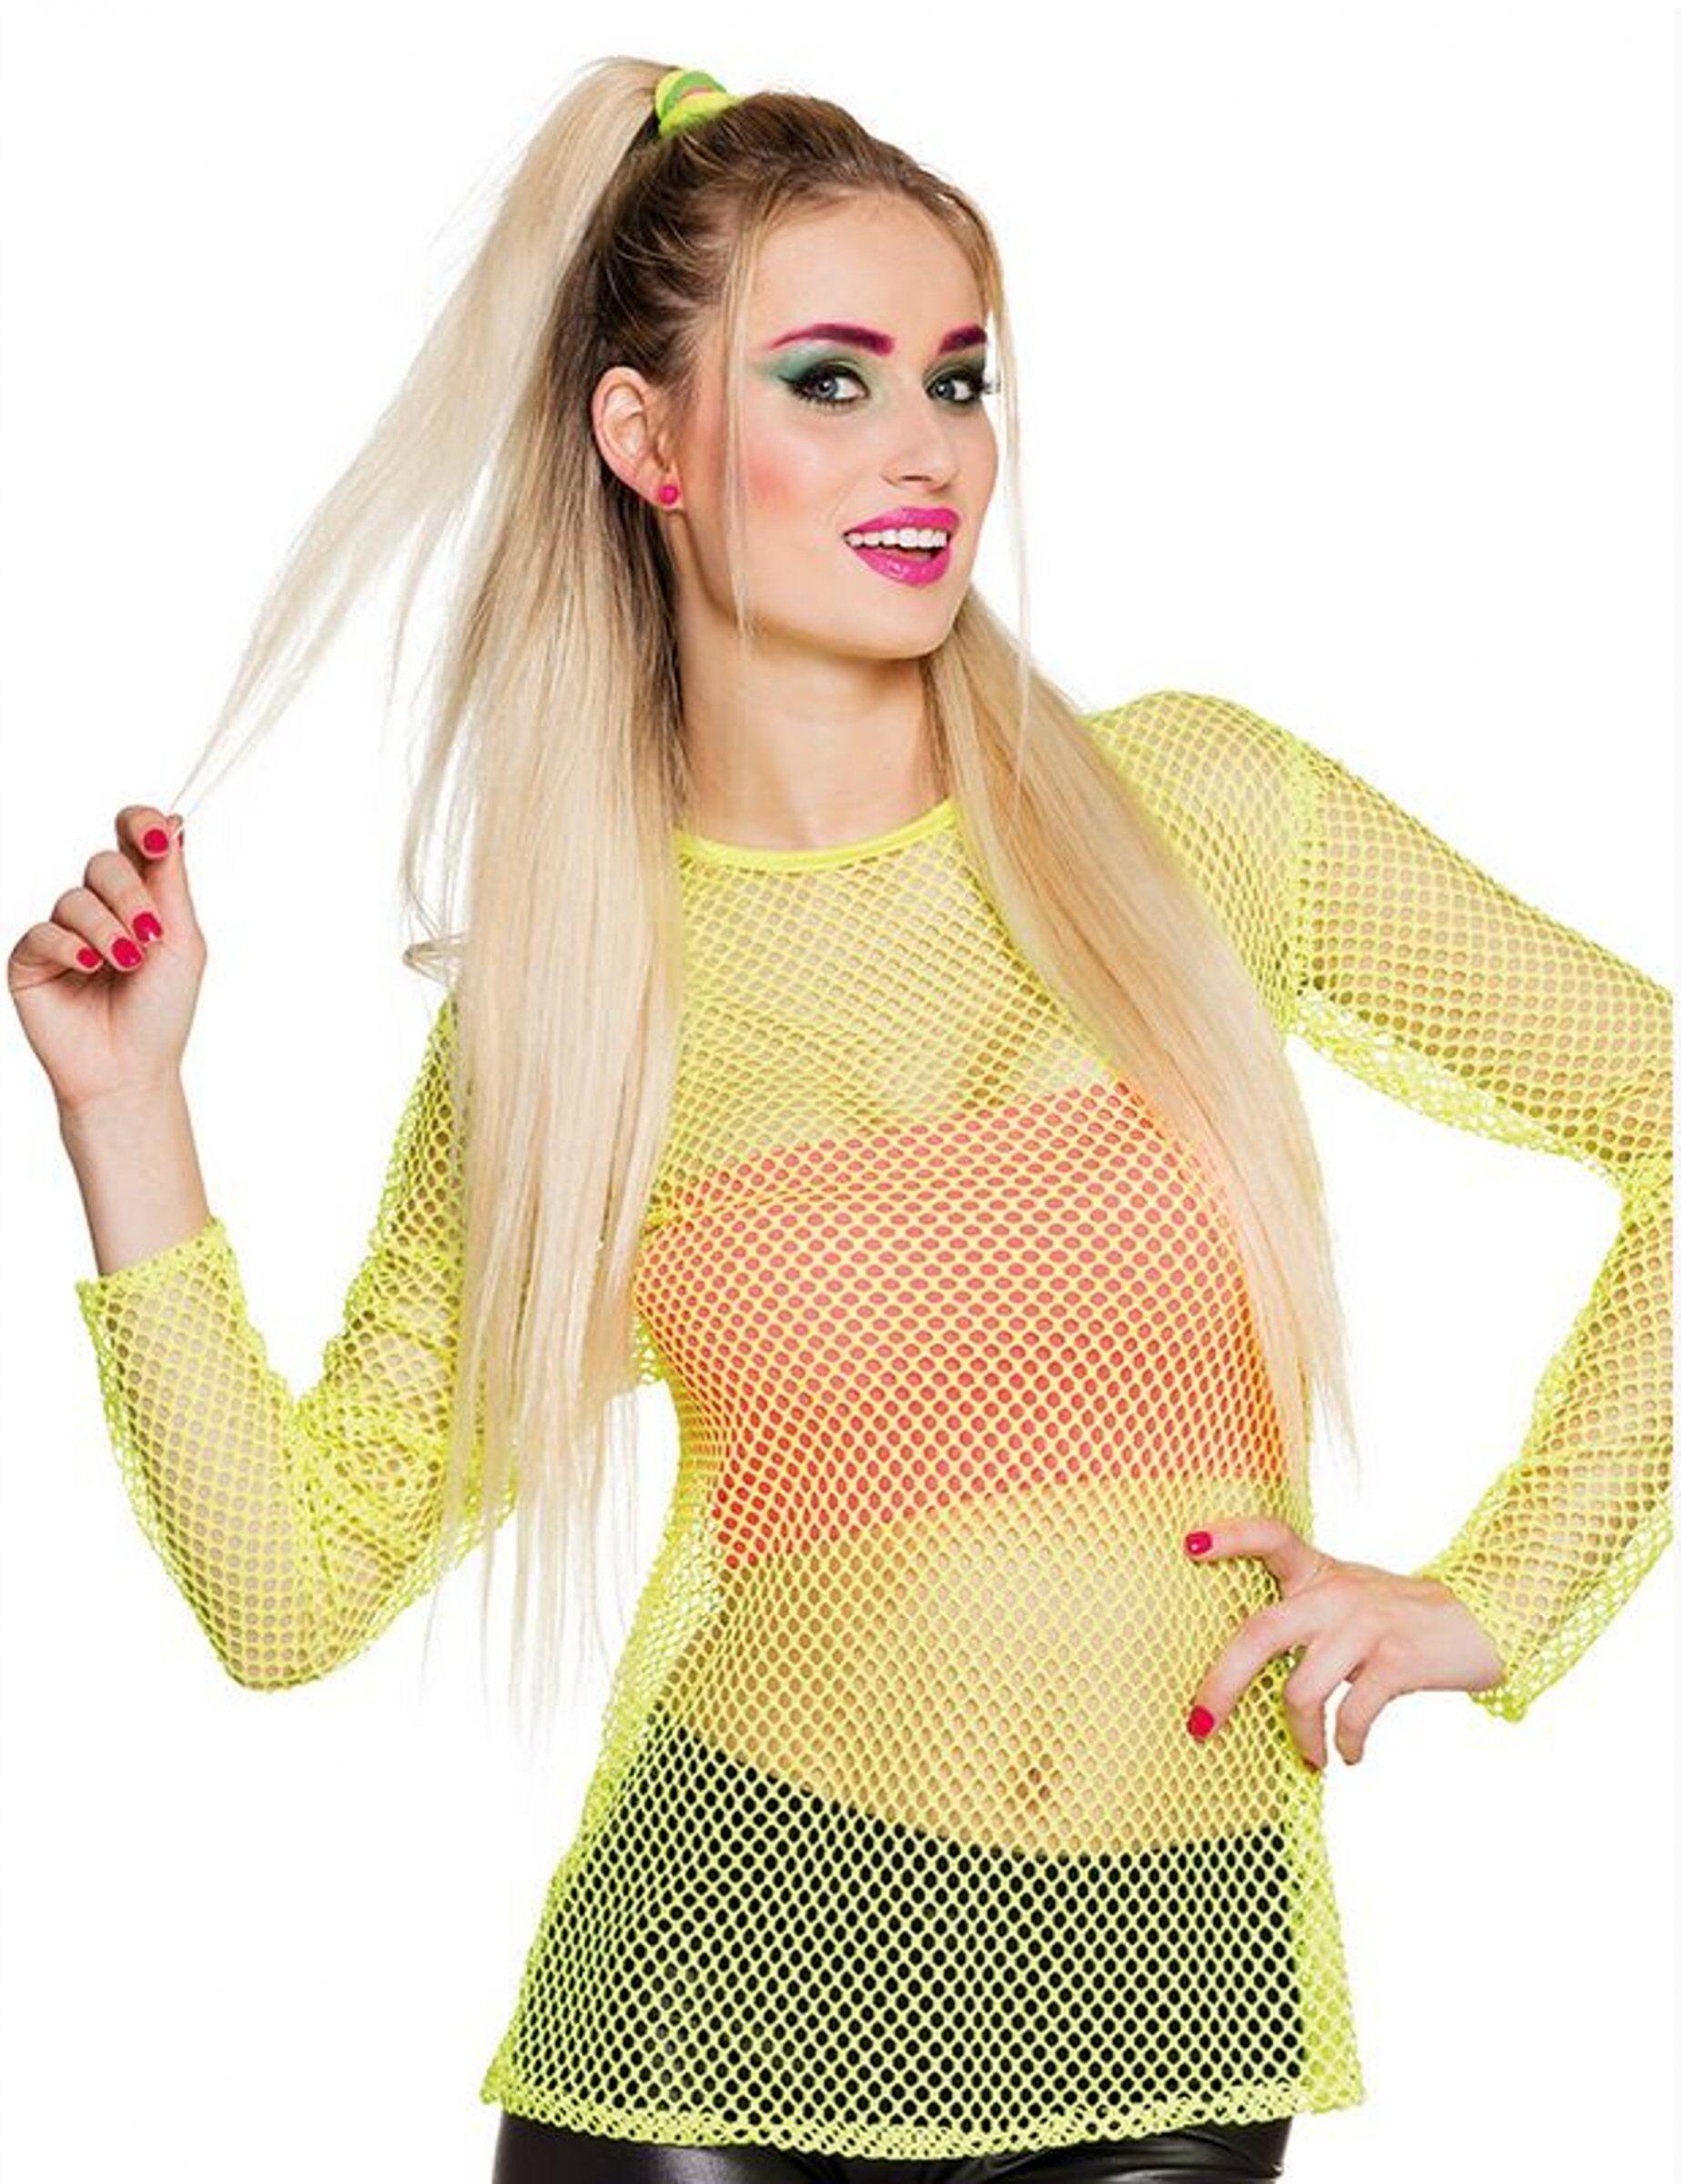 Vegaoo.es Camiseta amarillo fluorescente años 80 mujer